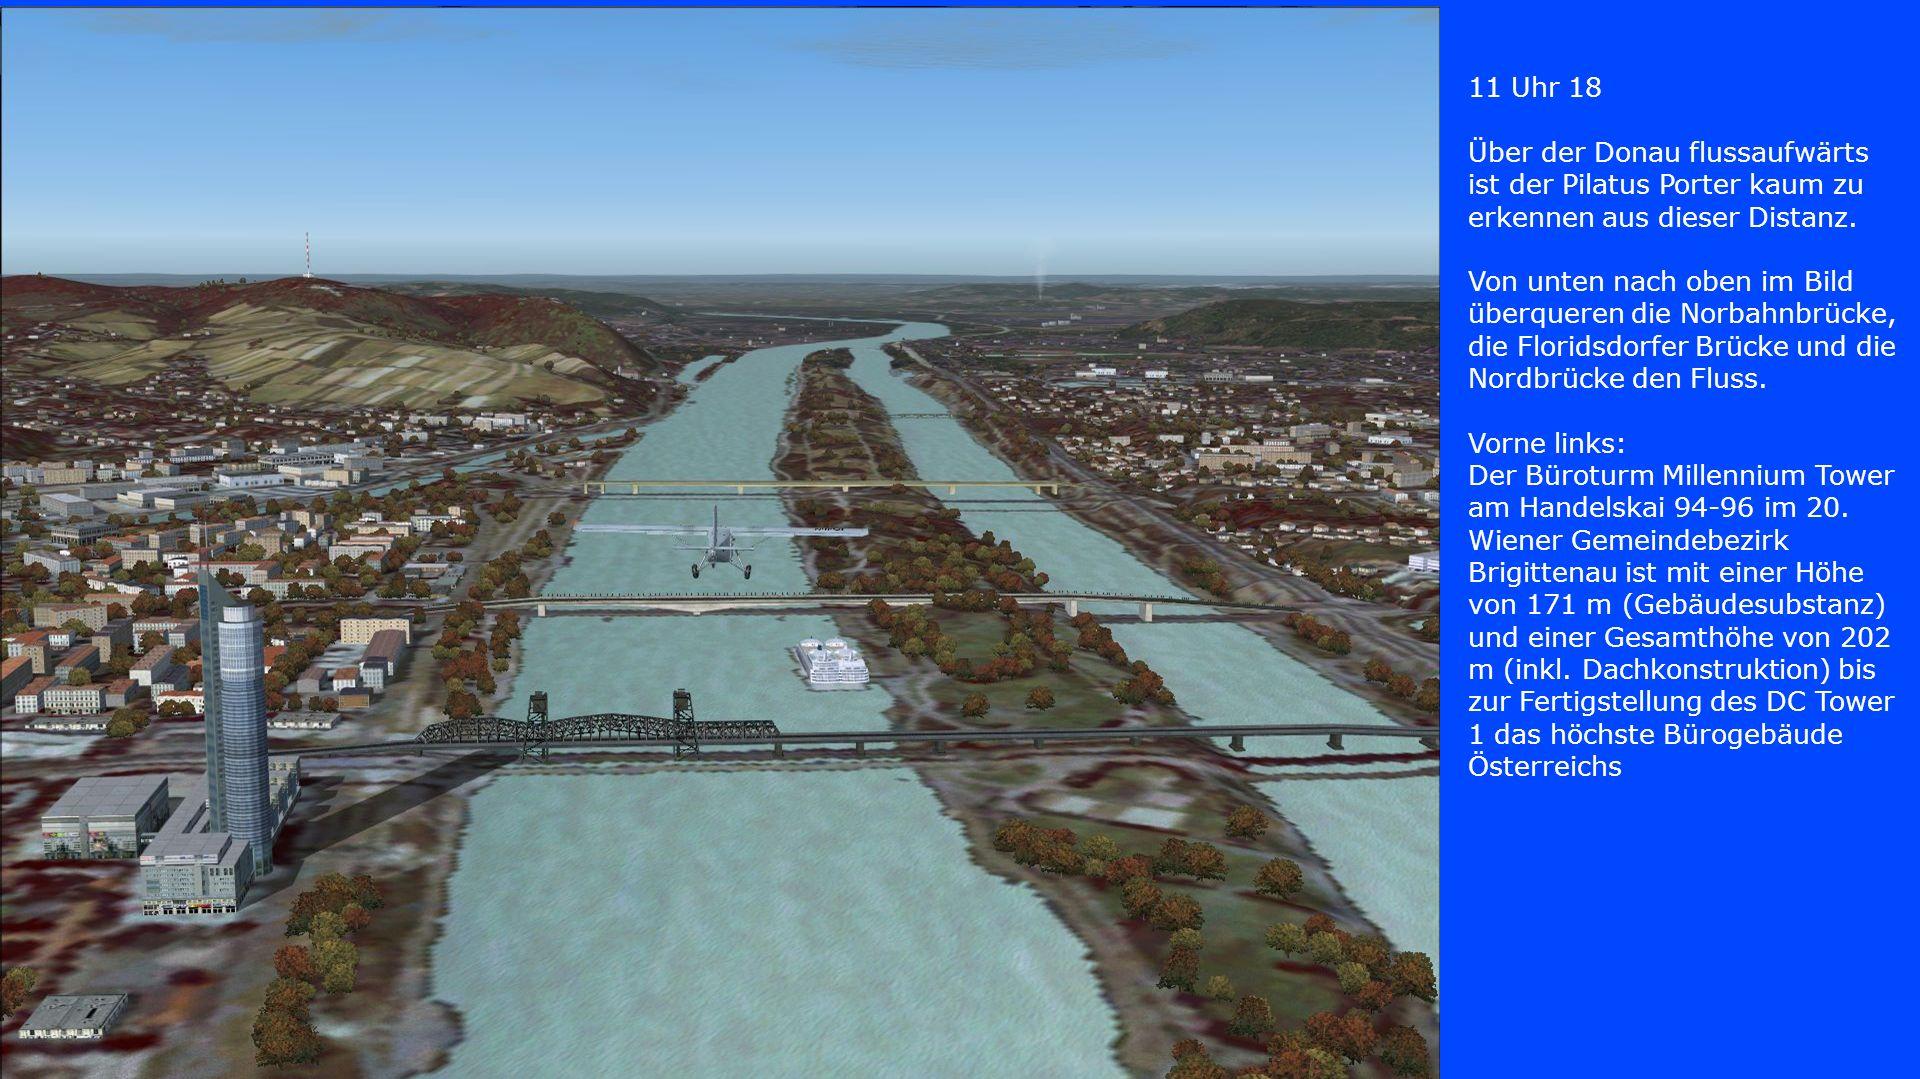 11 Uhr 18 Über der Donau flussaufwärts ist der Pilatus Porter kaum zu erkennen aus dieser Distanz. Von unten nach oben im Bild überqueren die Norbahnb